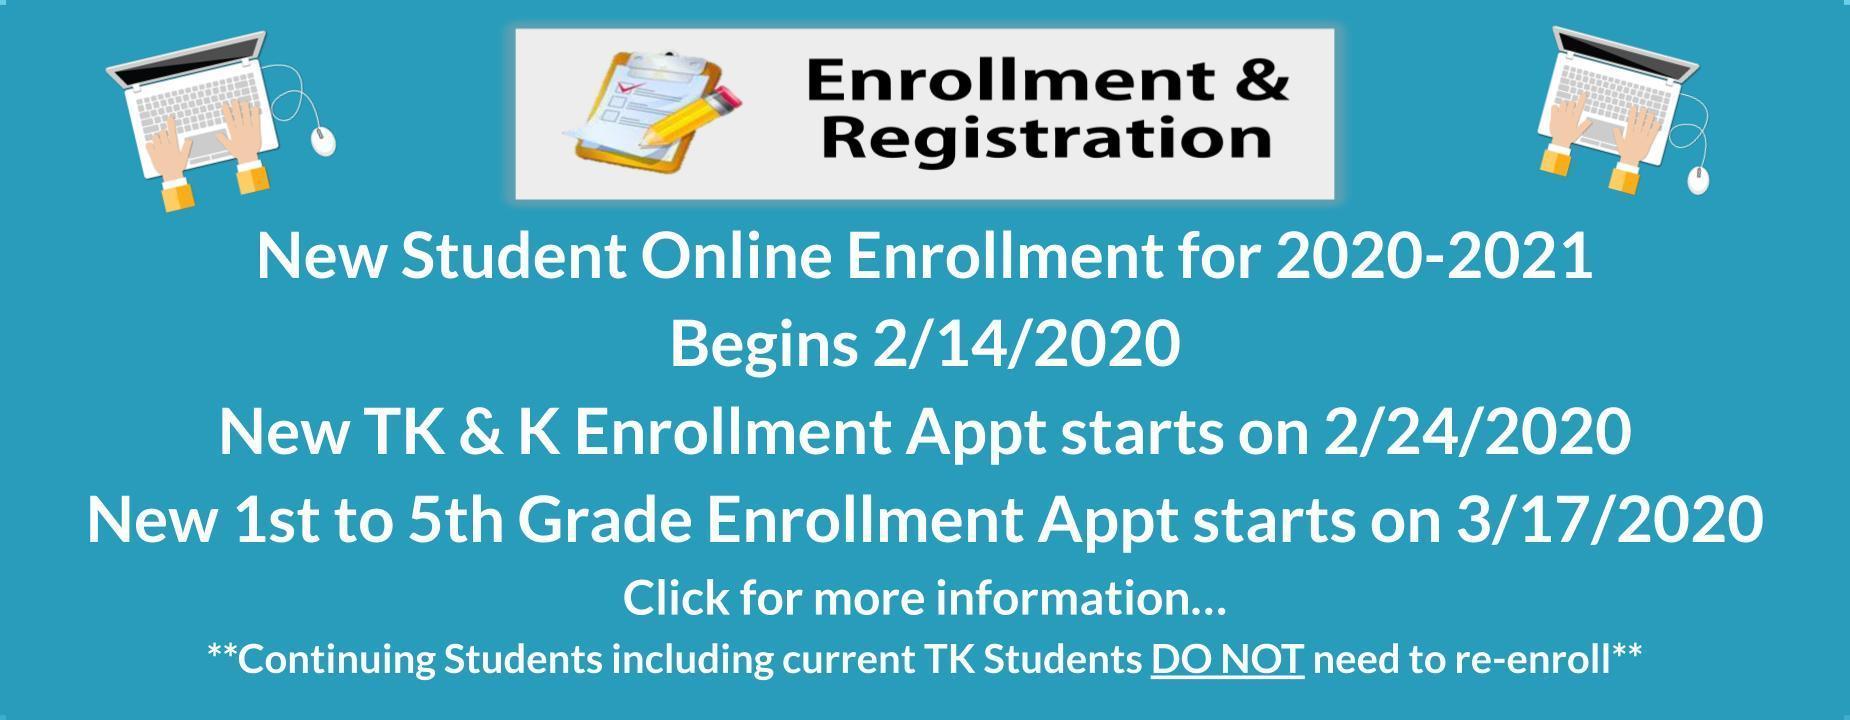 enrollment 2020-21